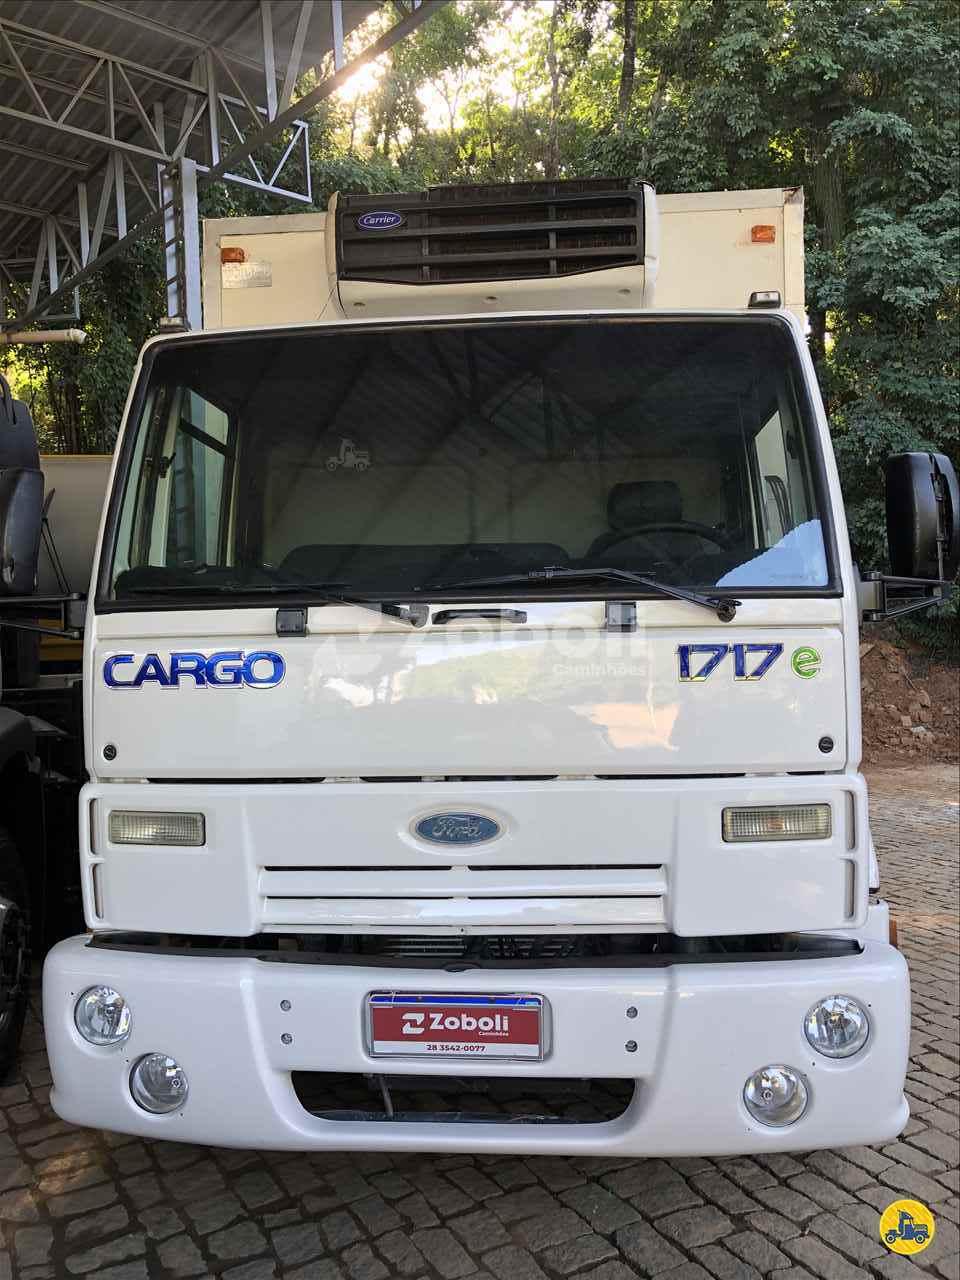 CAMINHAO FORD CARGO 1717 Baú Frigorífico Toco 4x2 Zoboli Caminhões CASTELO ESPÍRITO SANTO ES